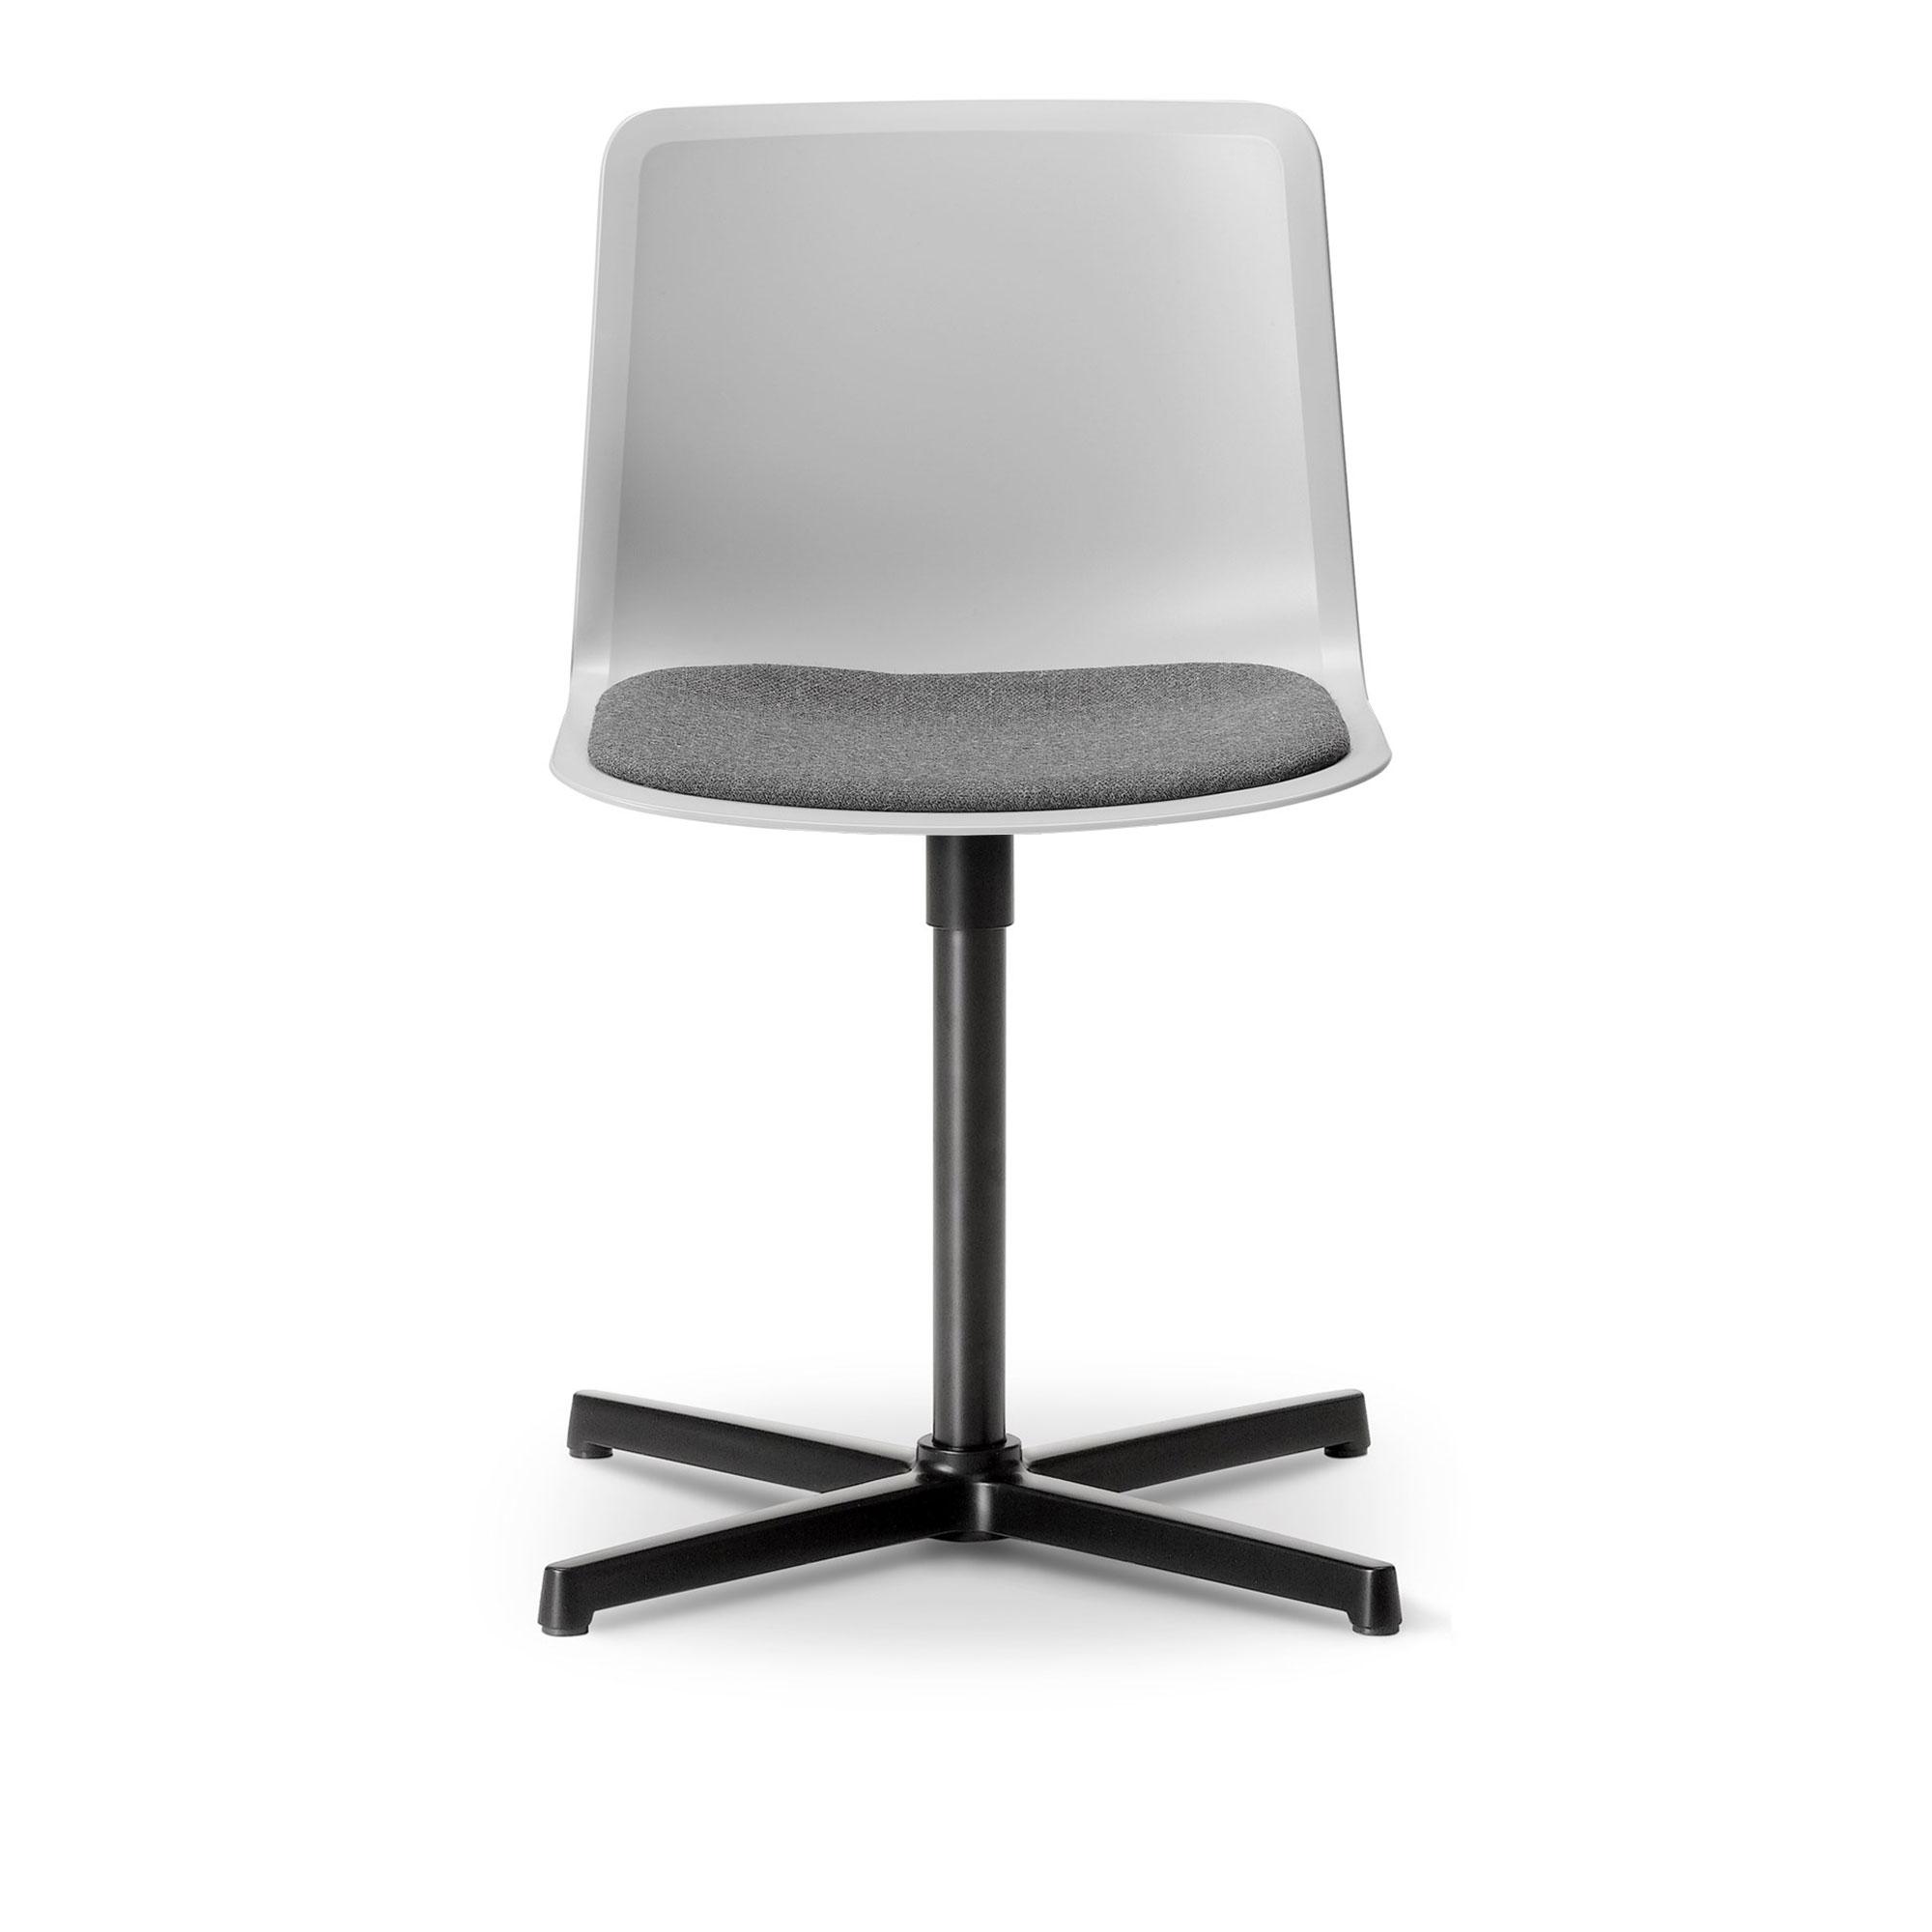 Köp Pato Swivel Klädd sits från Fredericia Furniture